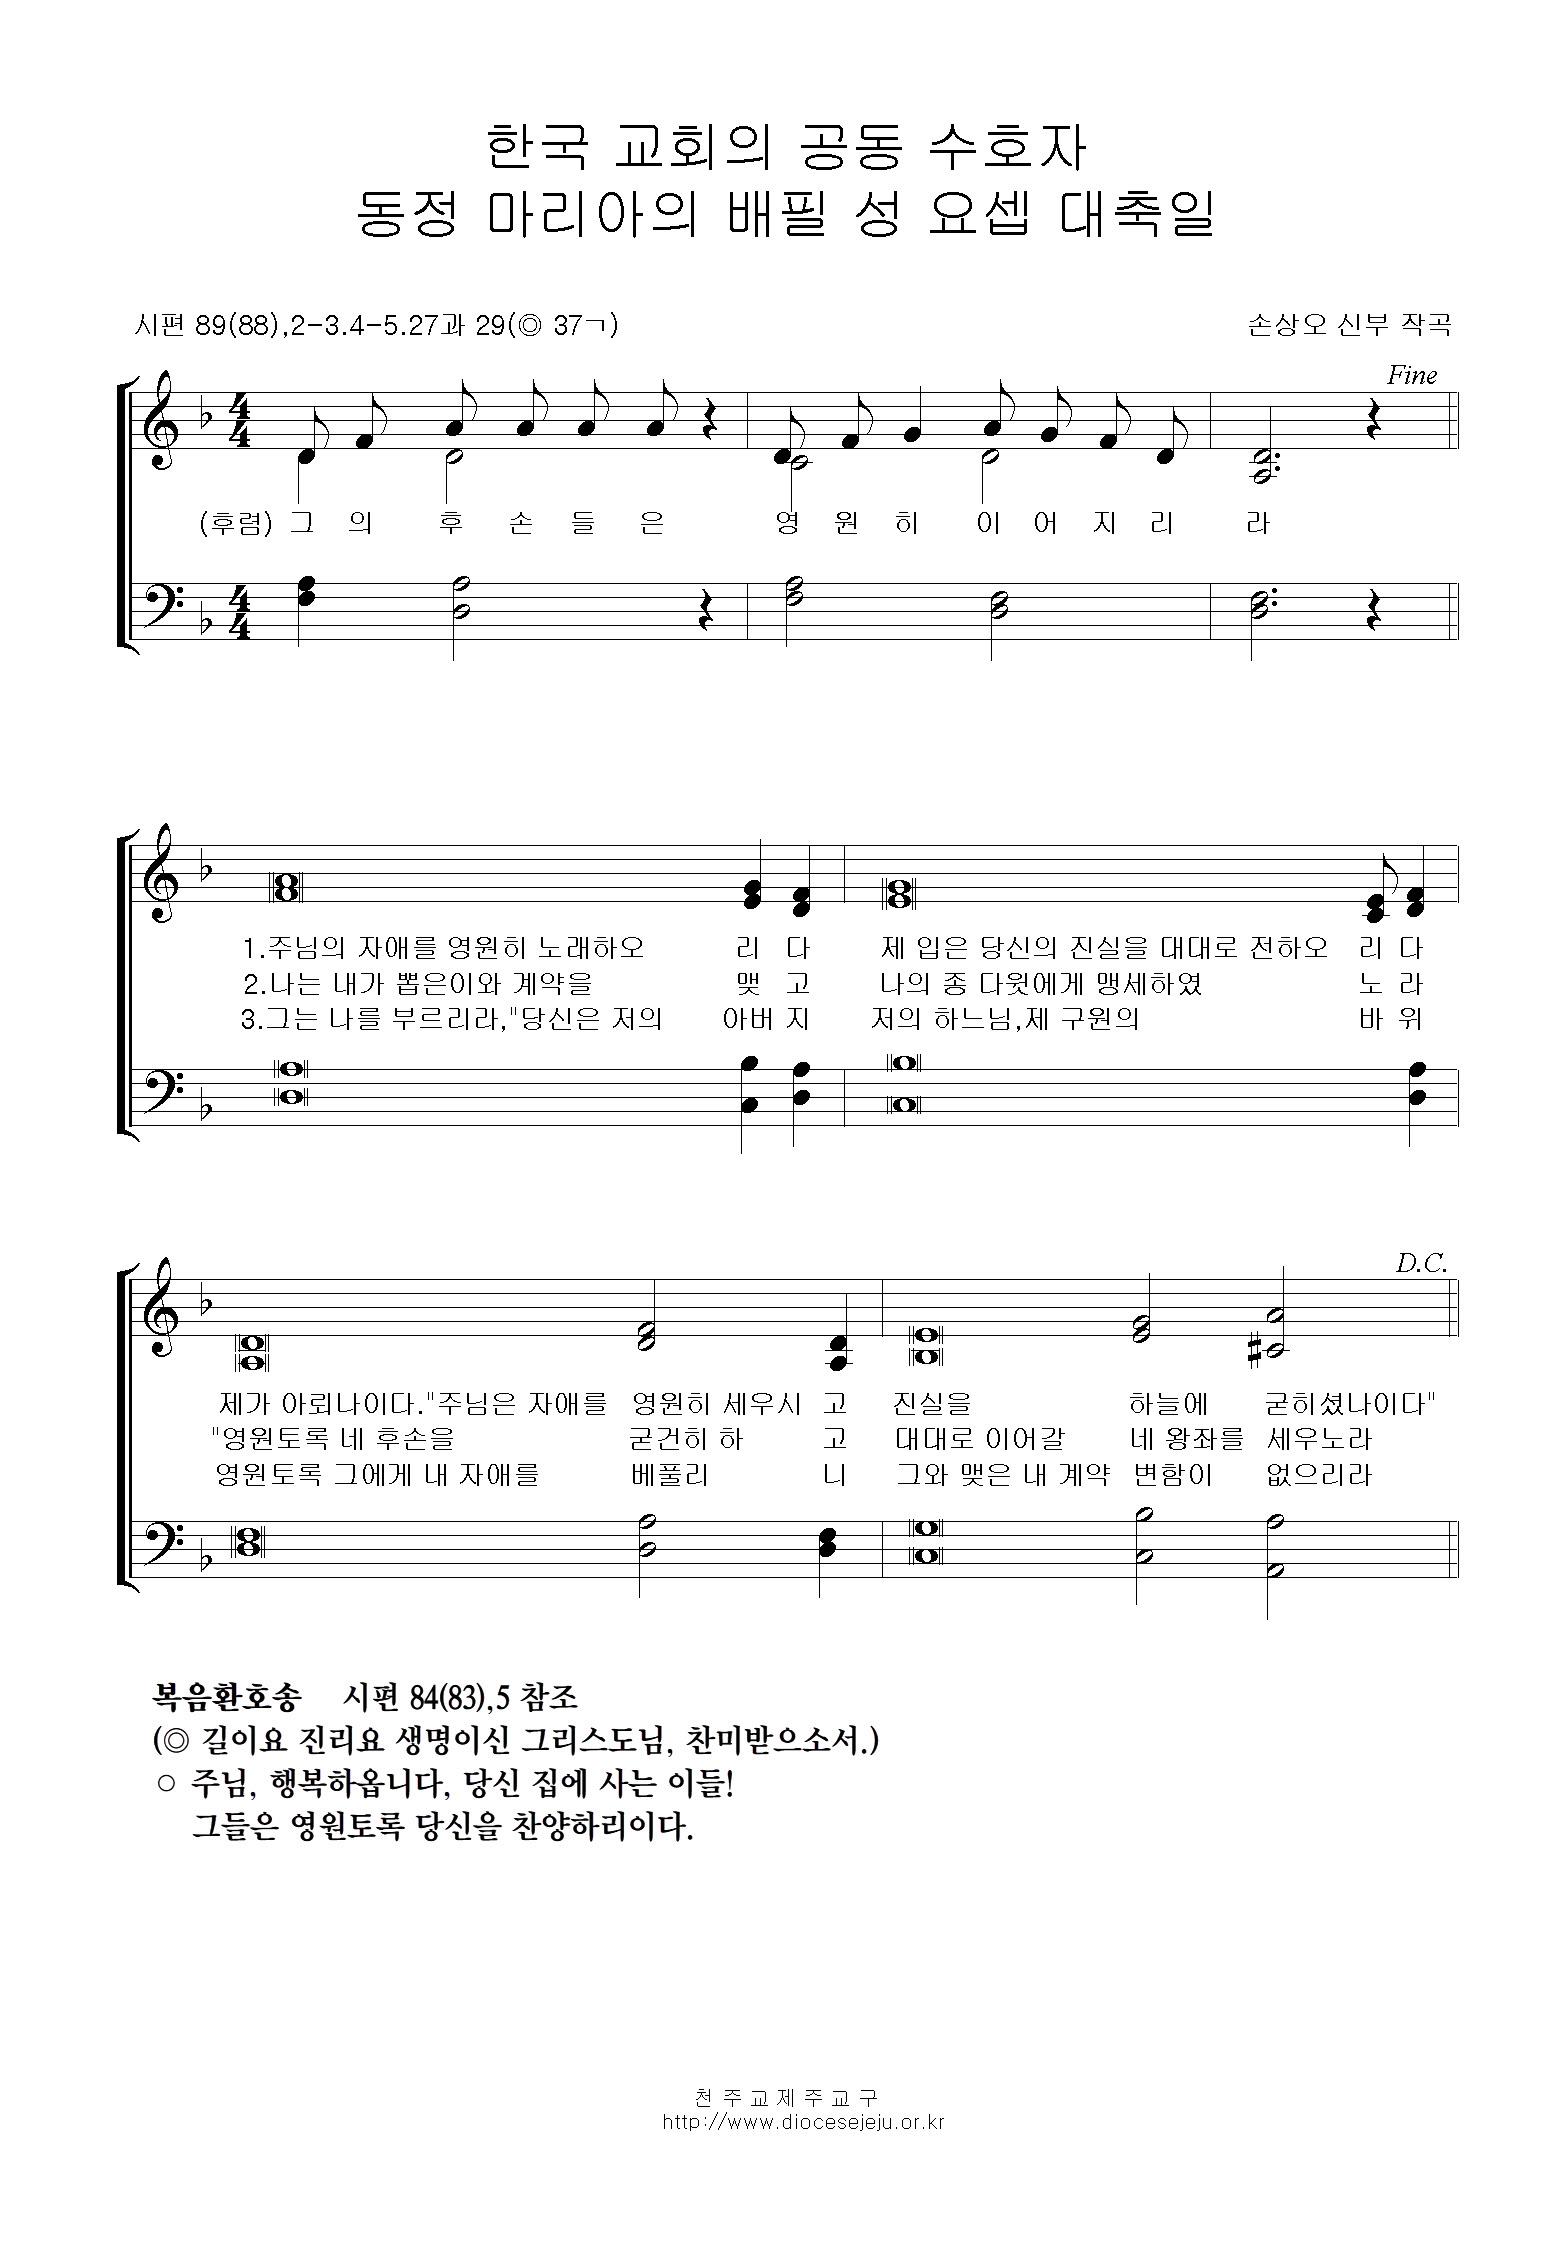 20180319-성요셉대축일(공통).jpg